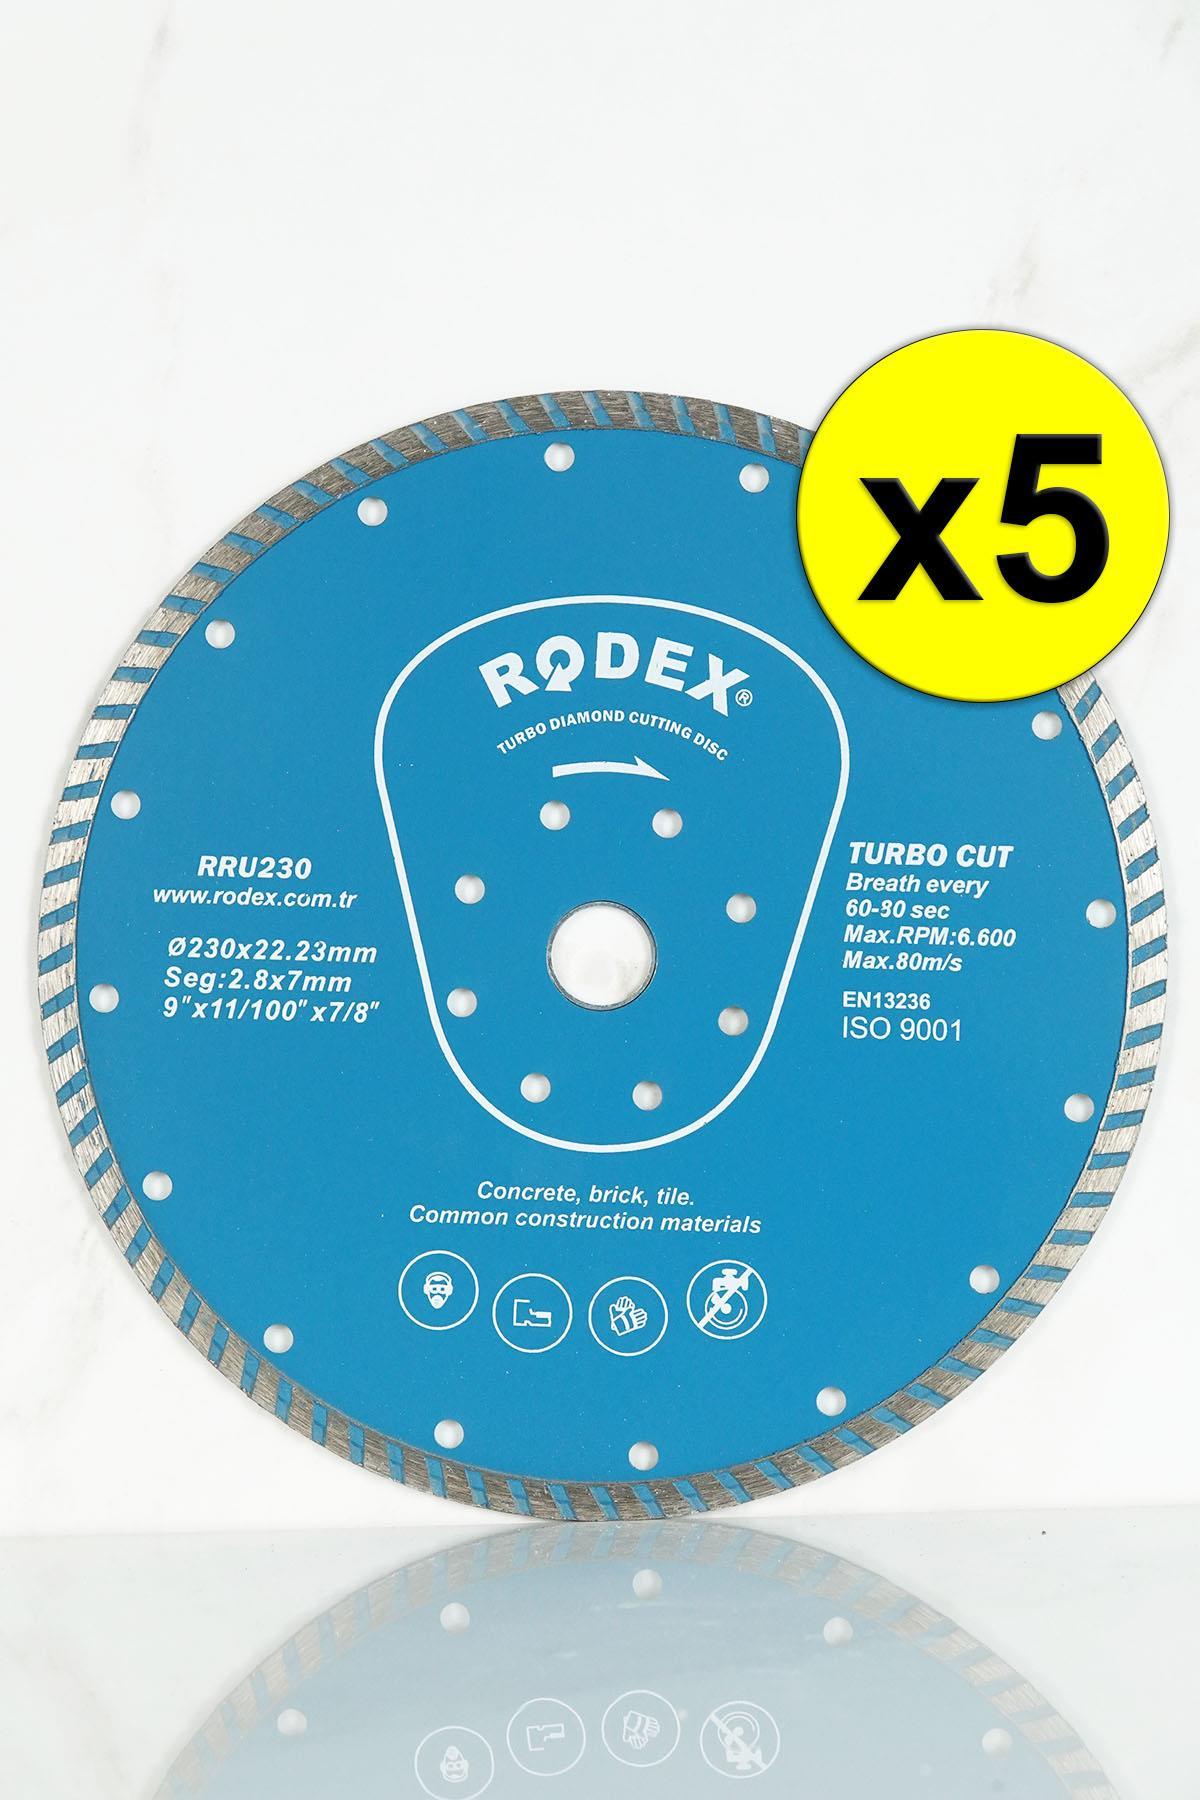 Rodex RRU230 Standard Type Turbo Diamond Stone, Brick, Granite Cutting Disc 230mm 5 Pcs